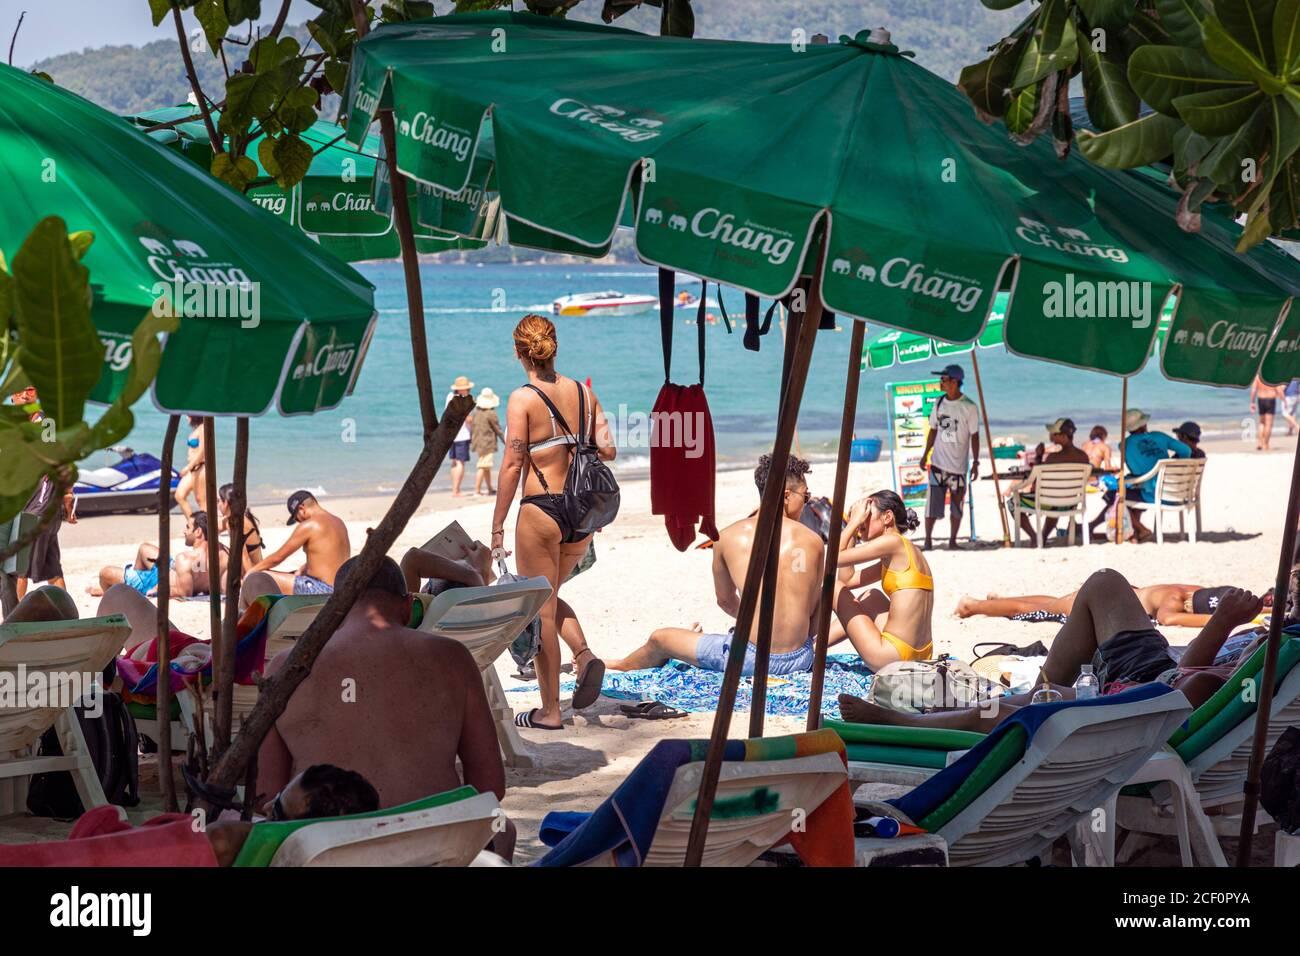 Tourisme à l'ombre sous les parasols de plage, Patong, Phuket, Thaïlande Banque D'Images